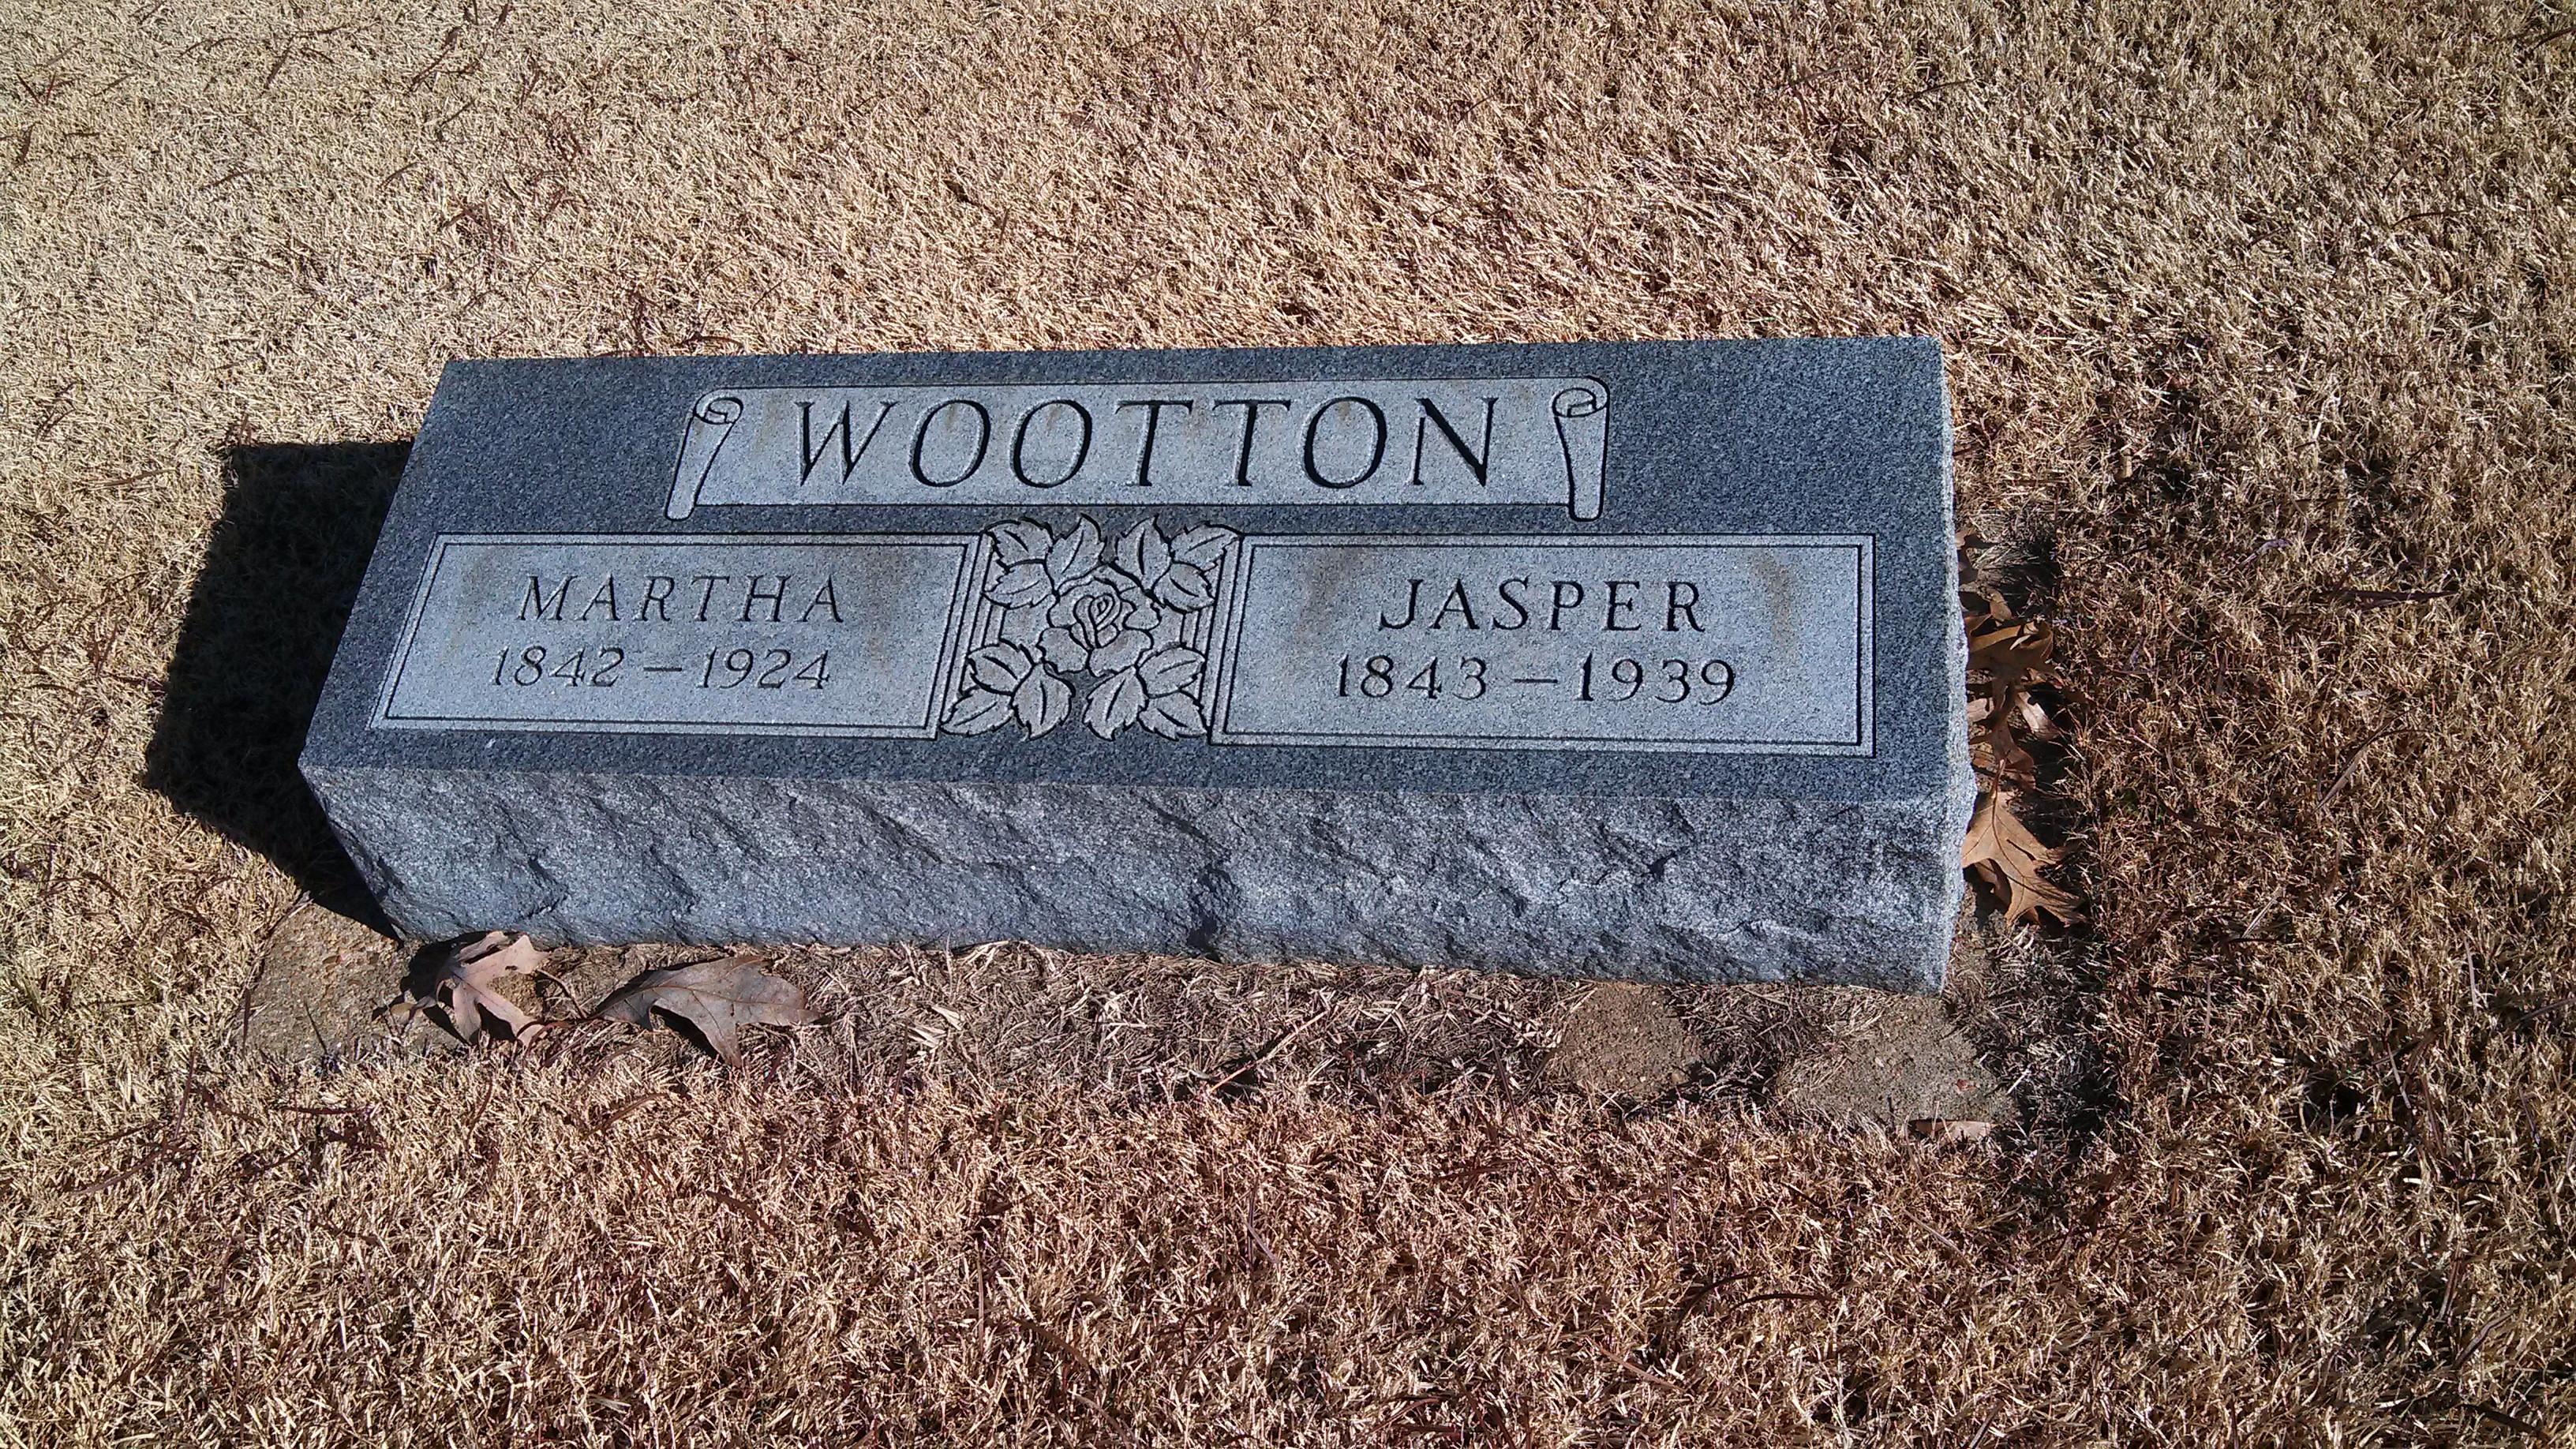 Herbert Wootton